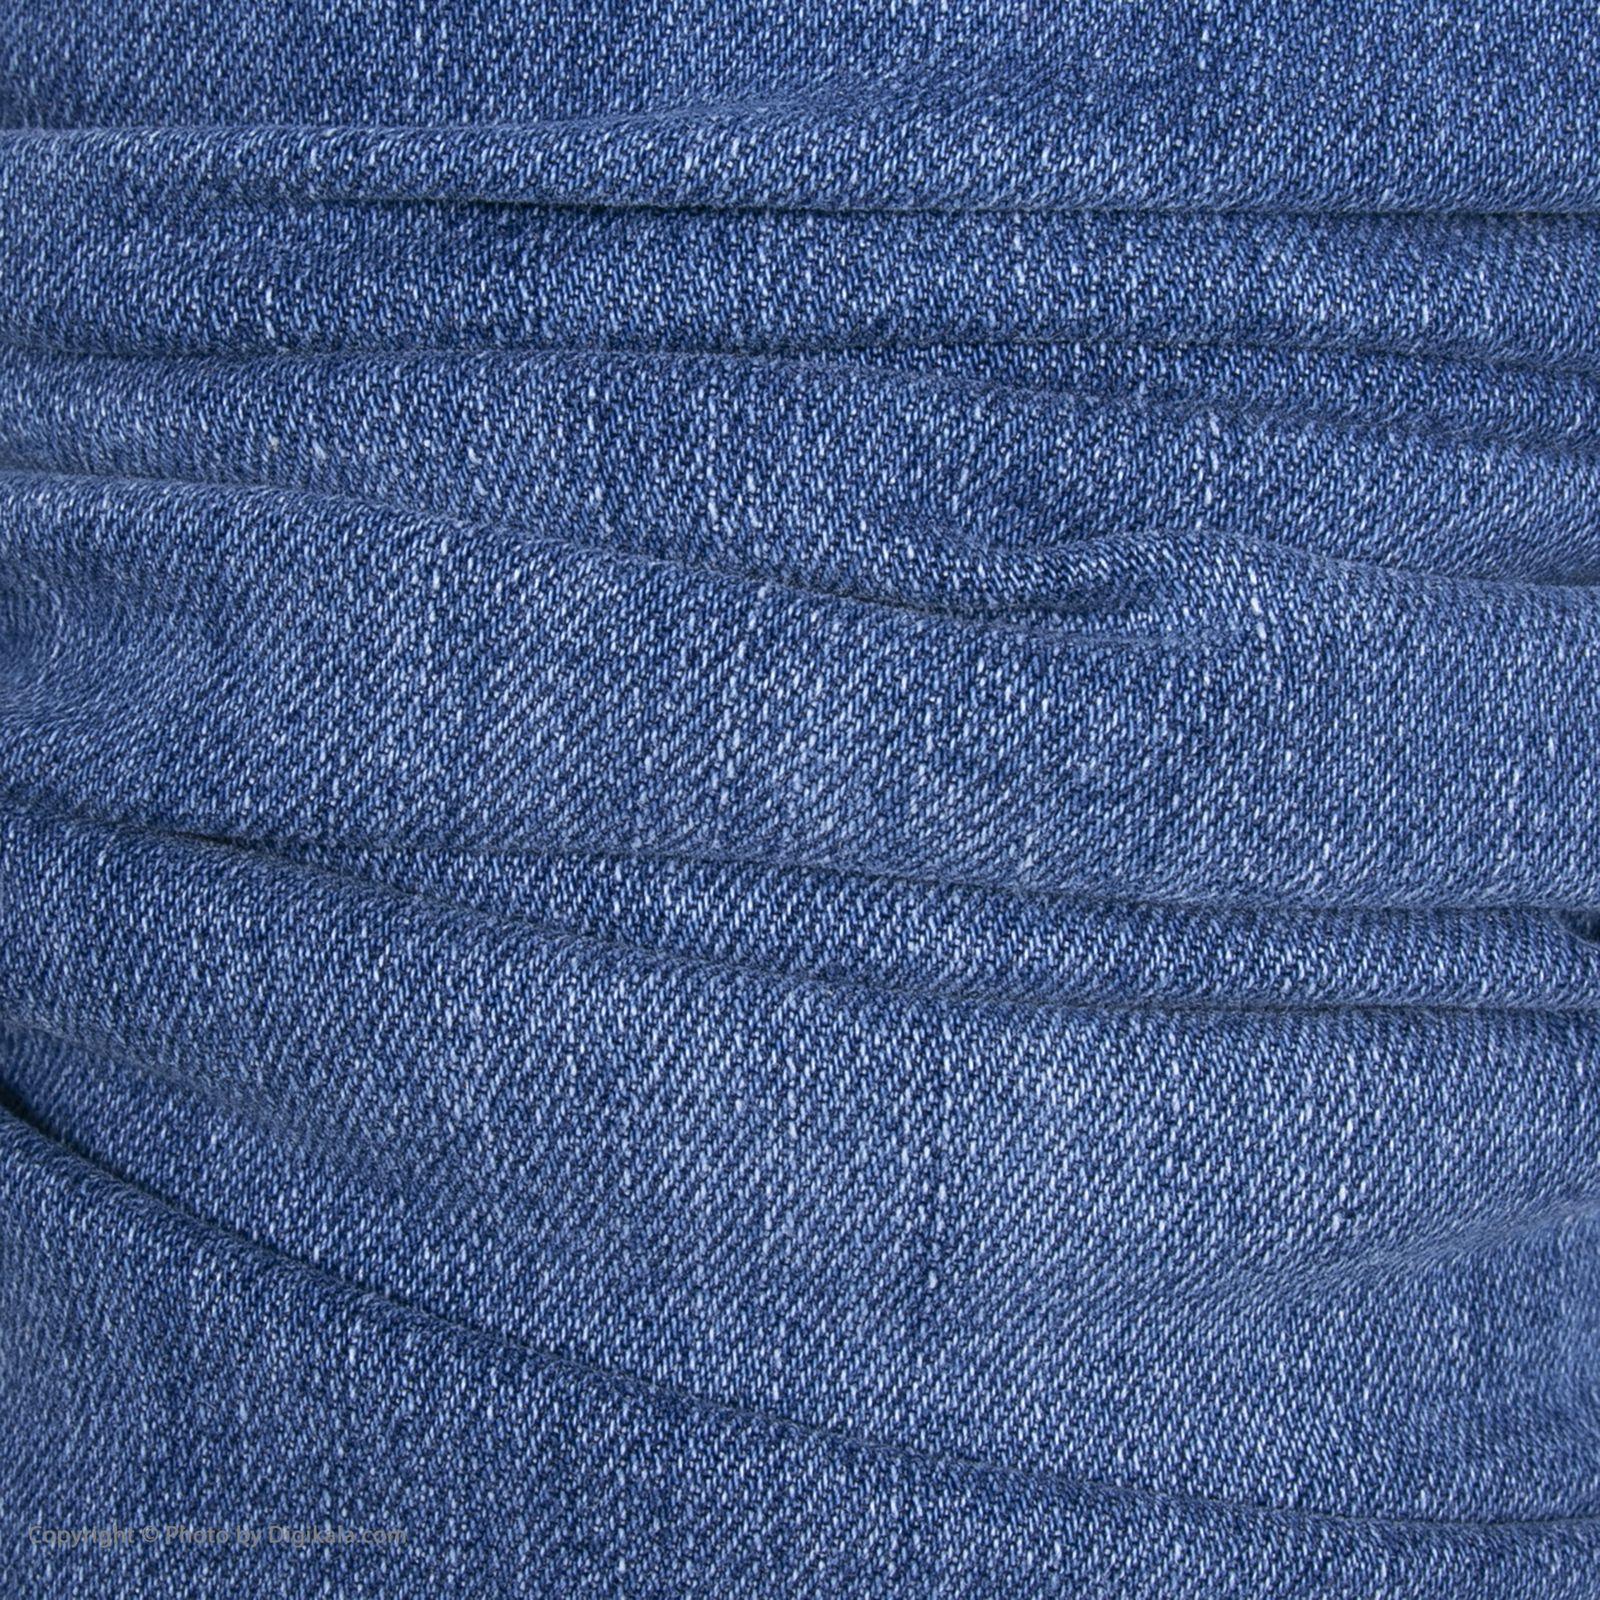 شلوار جین مردانه کالینز مدل CL1019135-LIGHTTROYWASH -  - 7